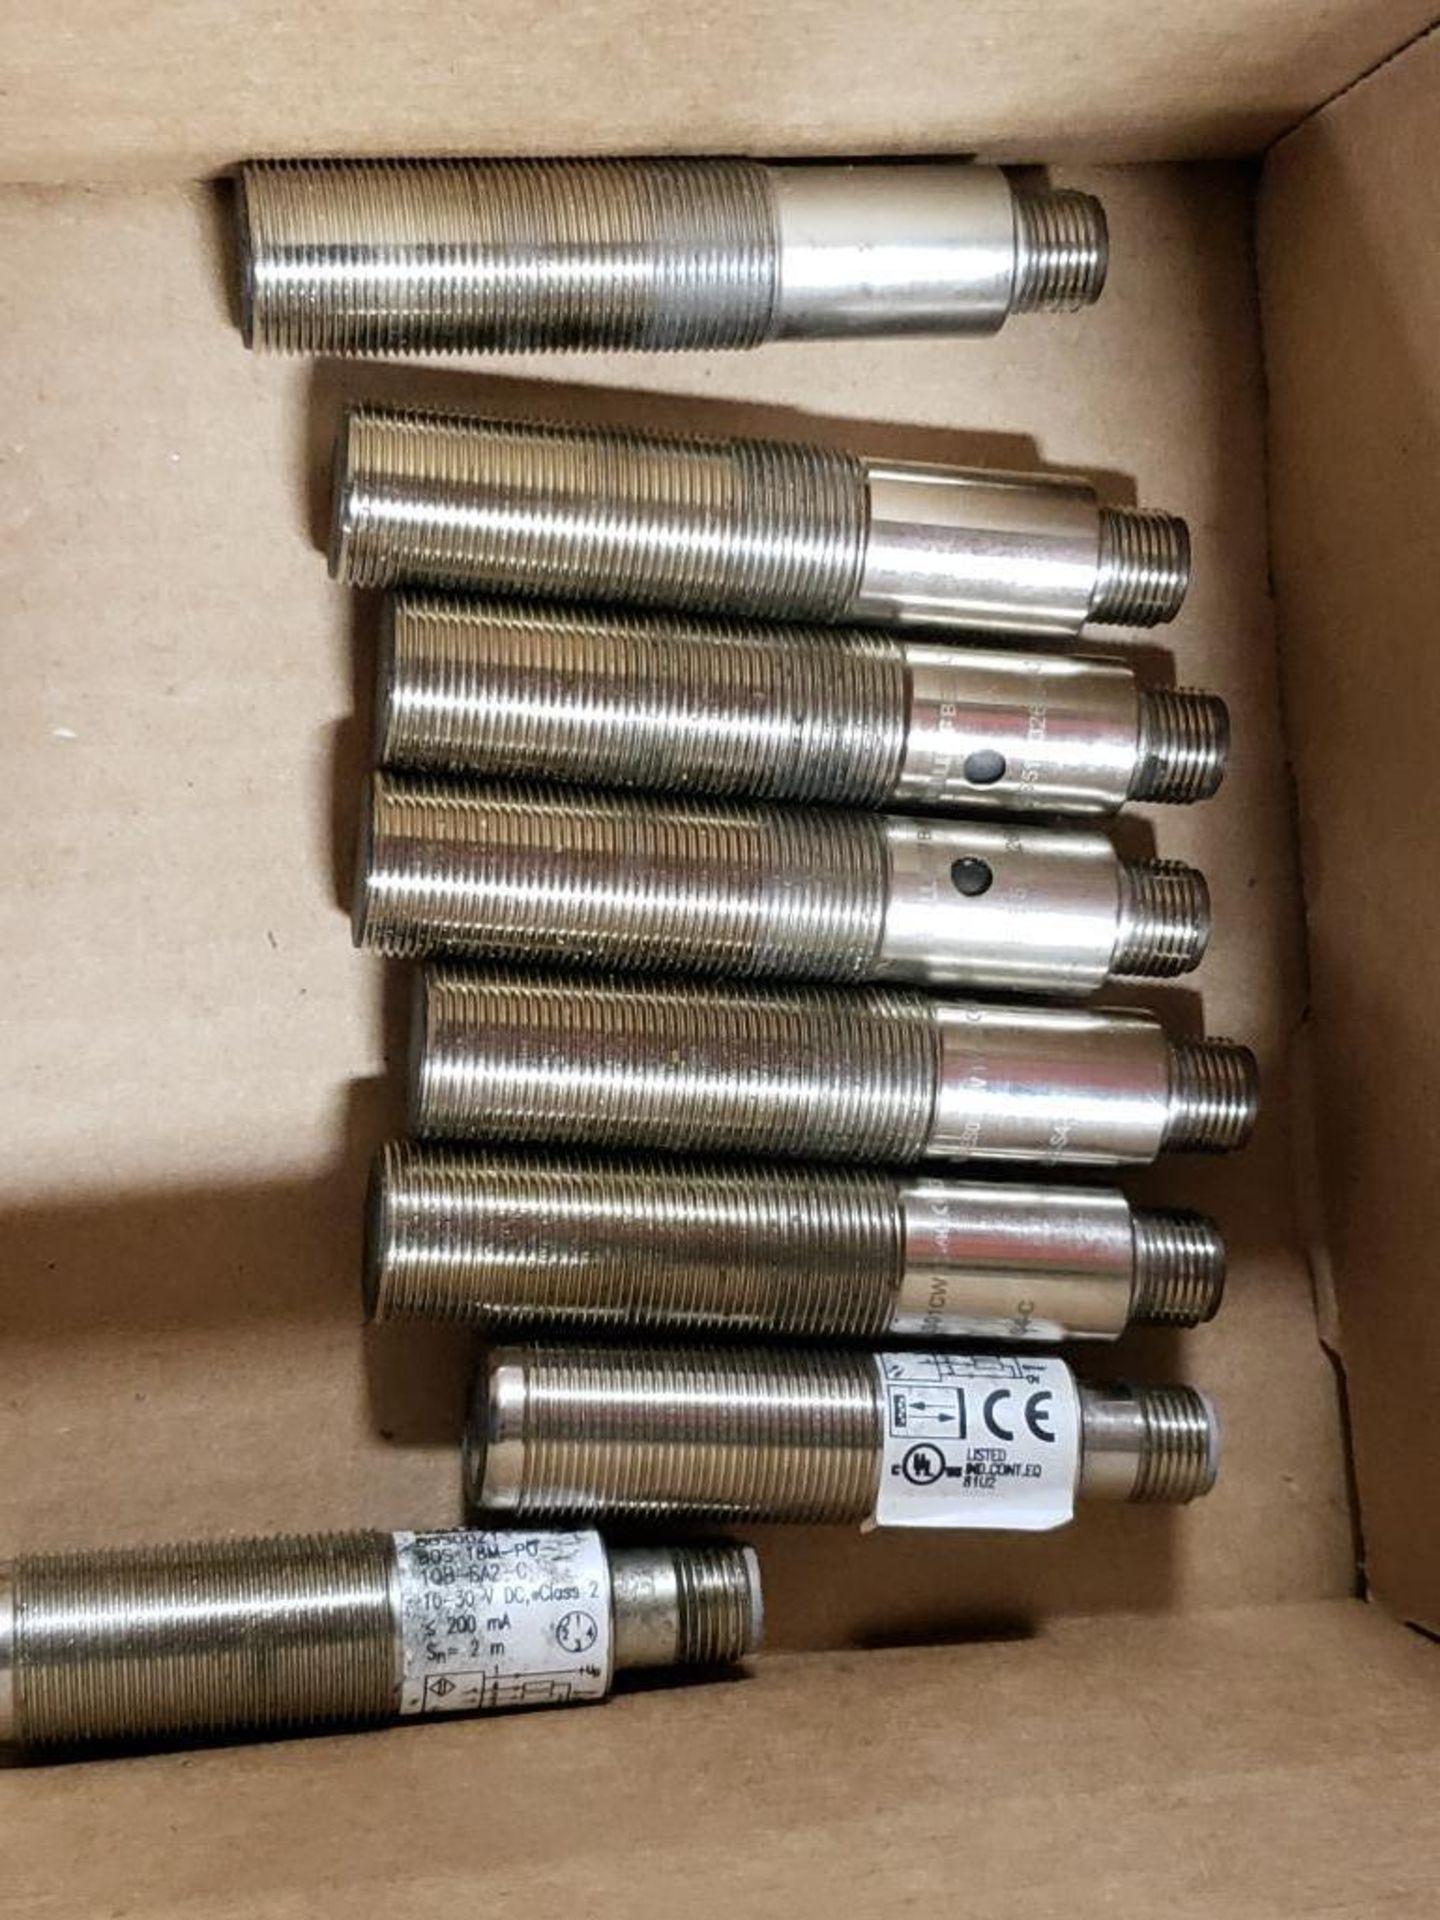 Qty 8 - Assorted Balluff Sensor. - Image 2 of 13